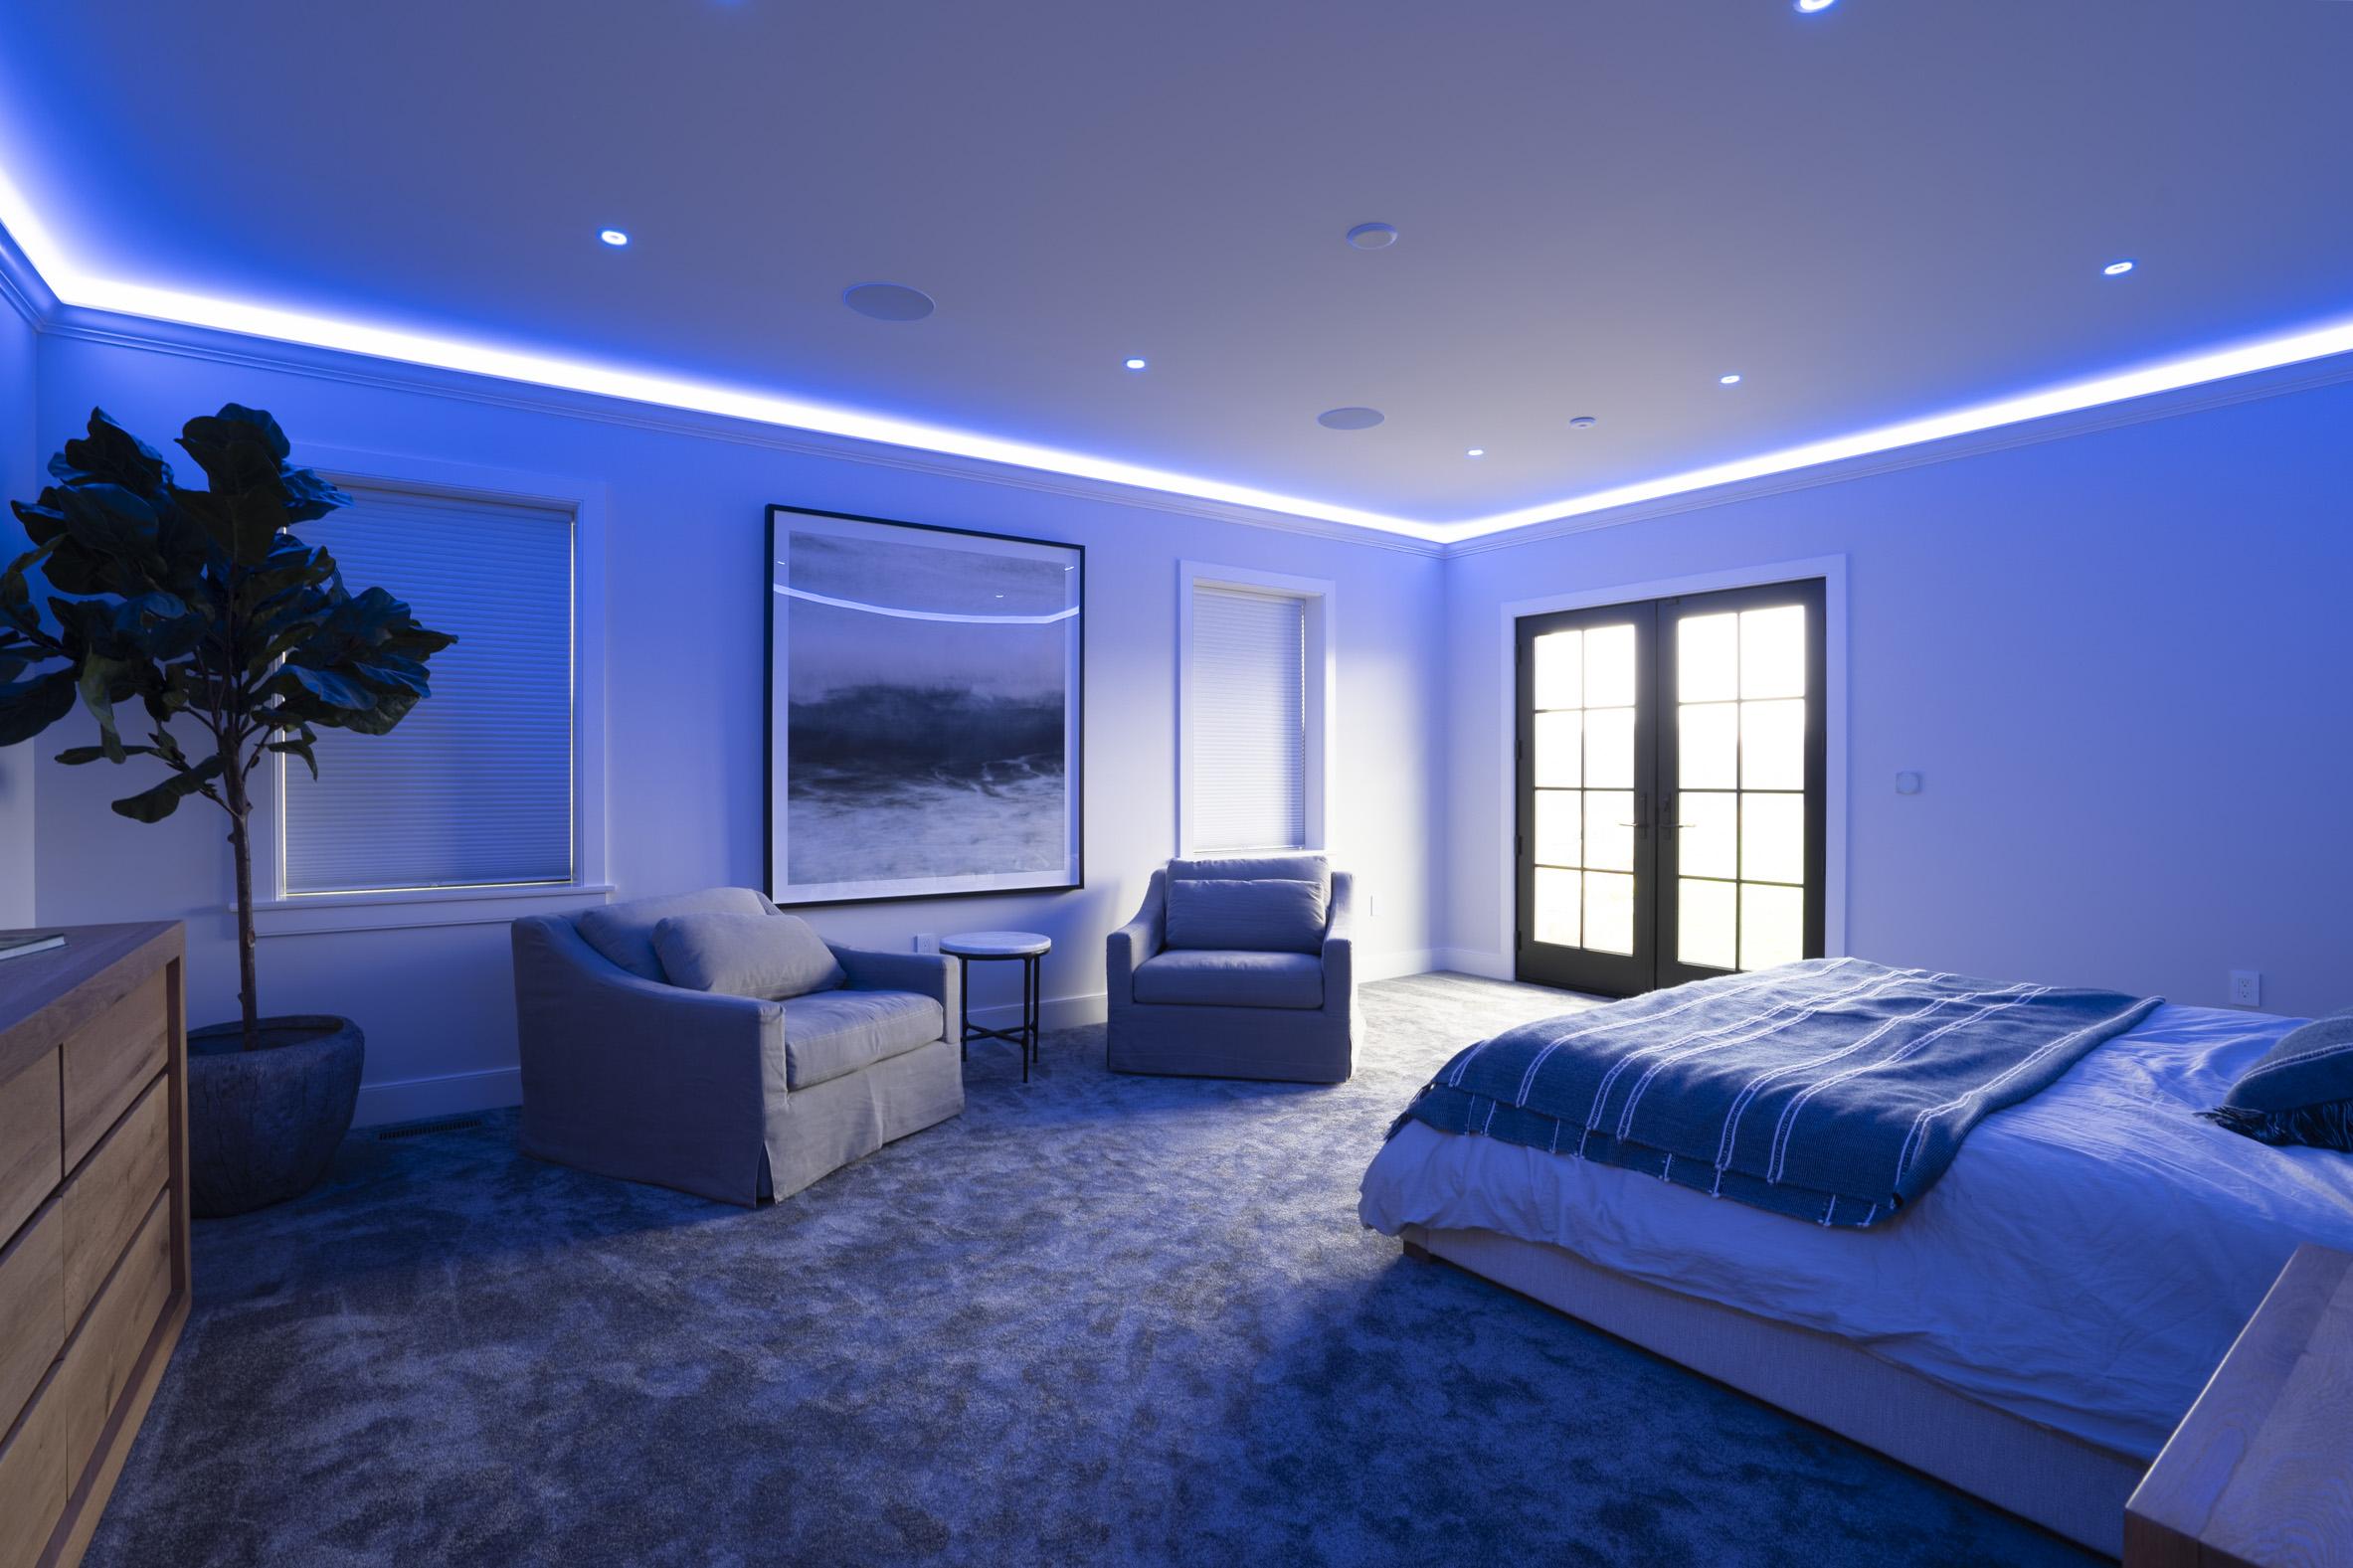 Bedroom in Night Mode